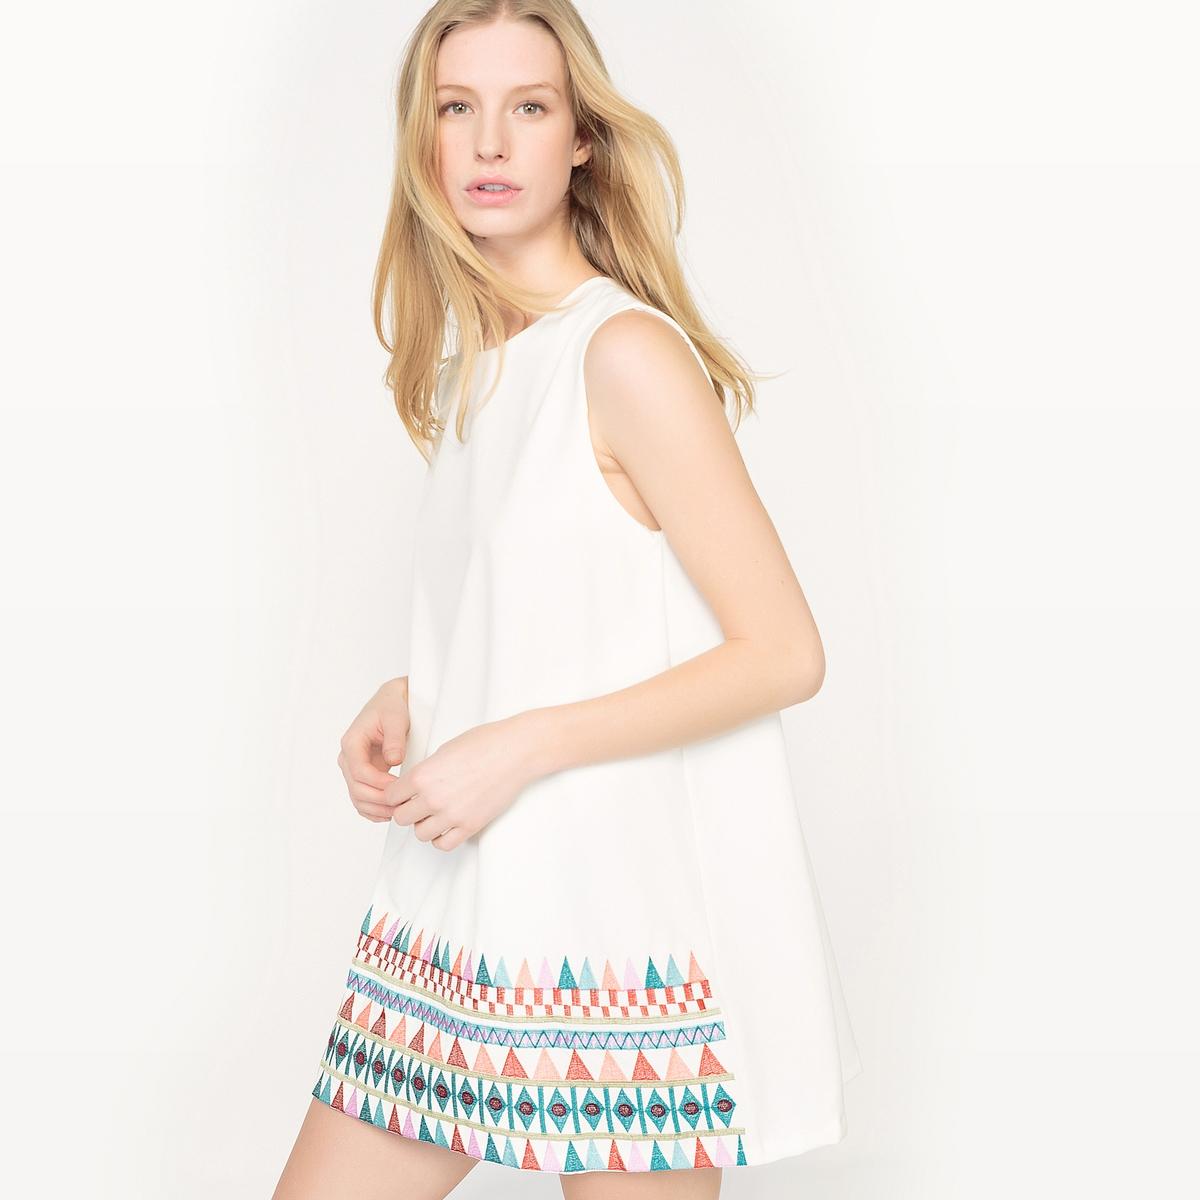 Платье-трапеция с вышивкойМатериал : 10% эластана, 90% полиэстера  Длина рукава : без рукавов  Форма воротника : круглый вырез Покрой платья : платье прямого покроя    Рисунок : графический   Длина платья : короткое<br><br>Цвет: белый,черный<br>Размер: XL.M.S.M